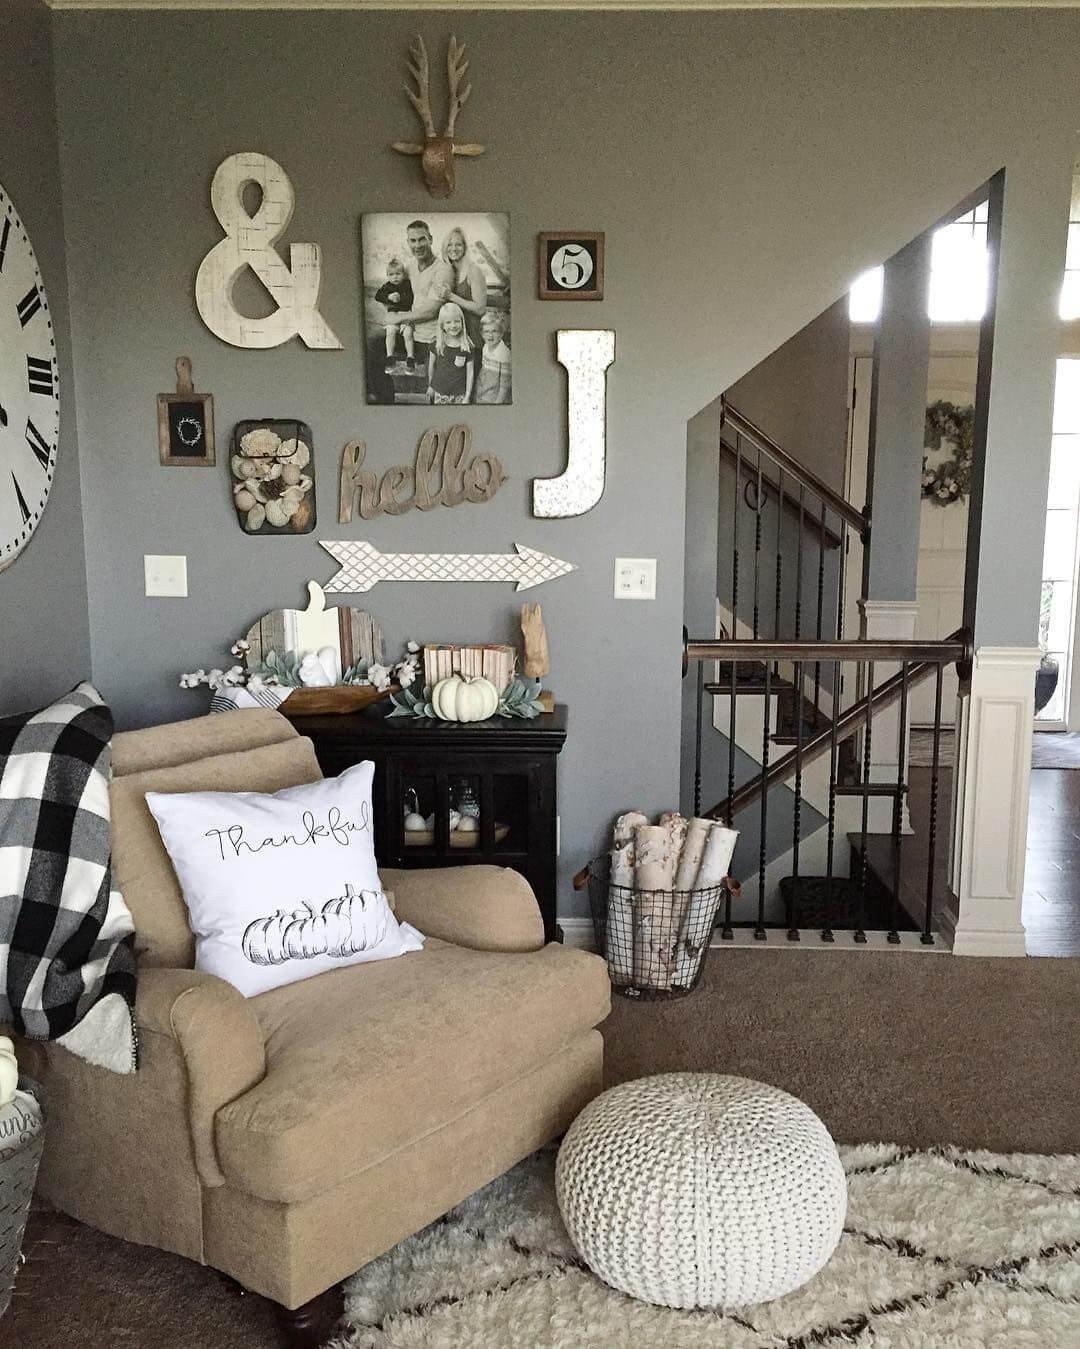 Rustic Living Room Decor Ideas Unique 33 Best Rustic Living Room Wall Decor Ideas and Designs